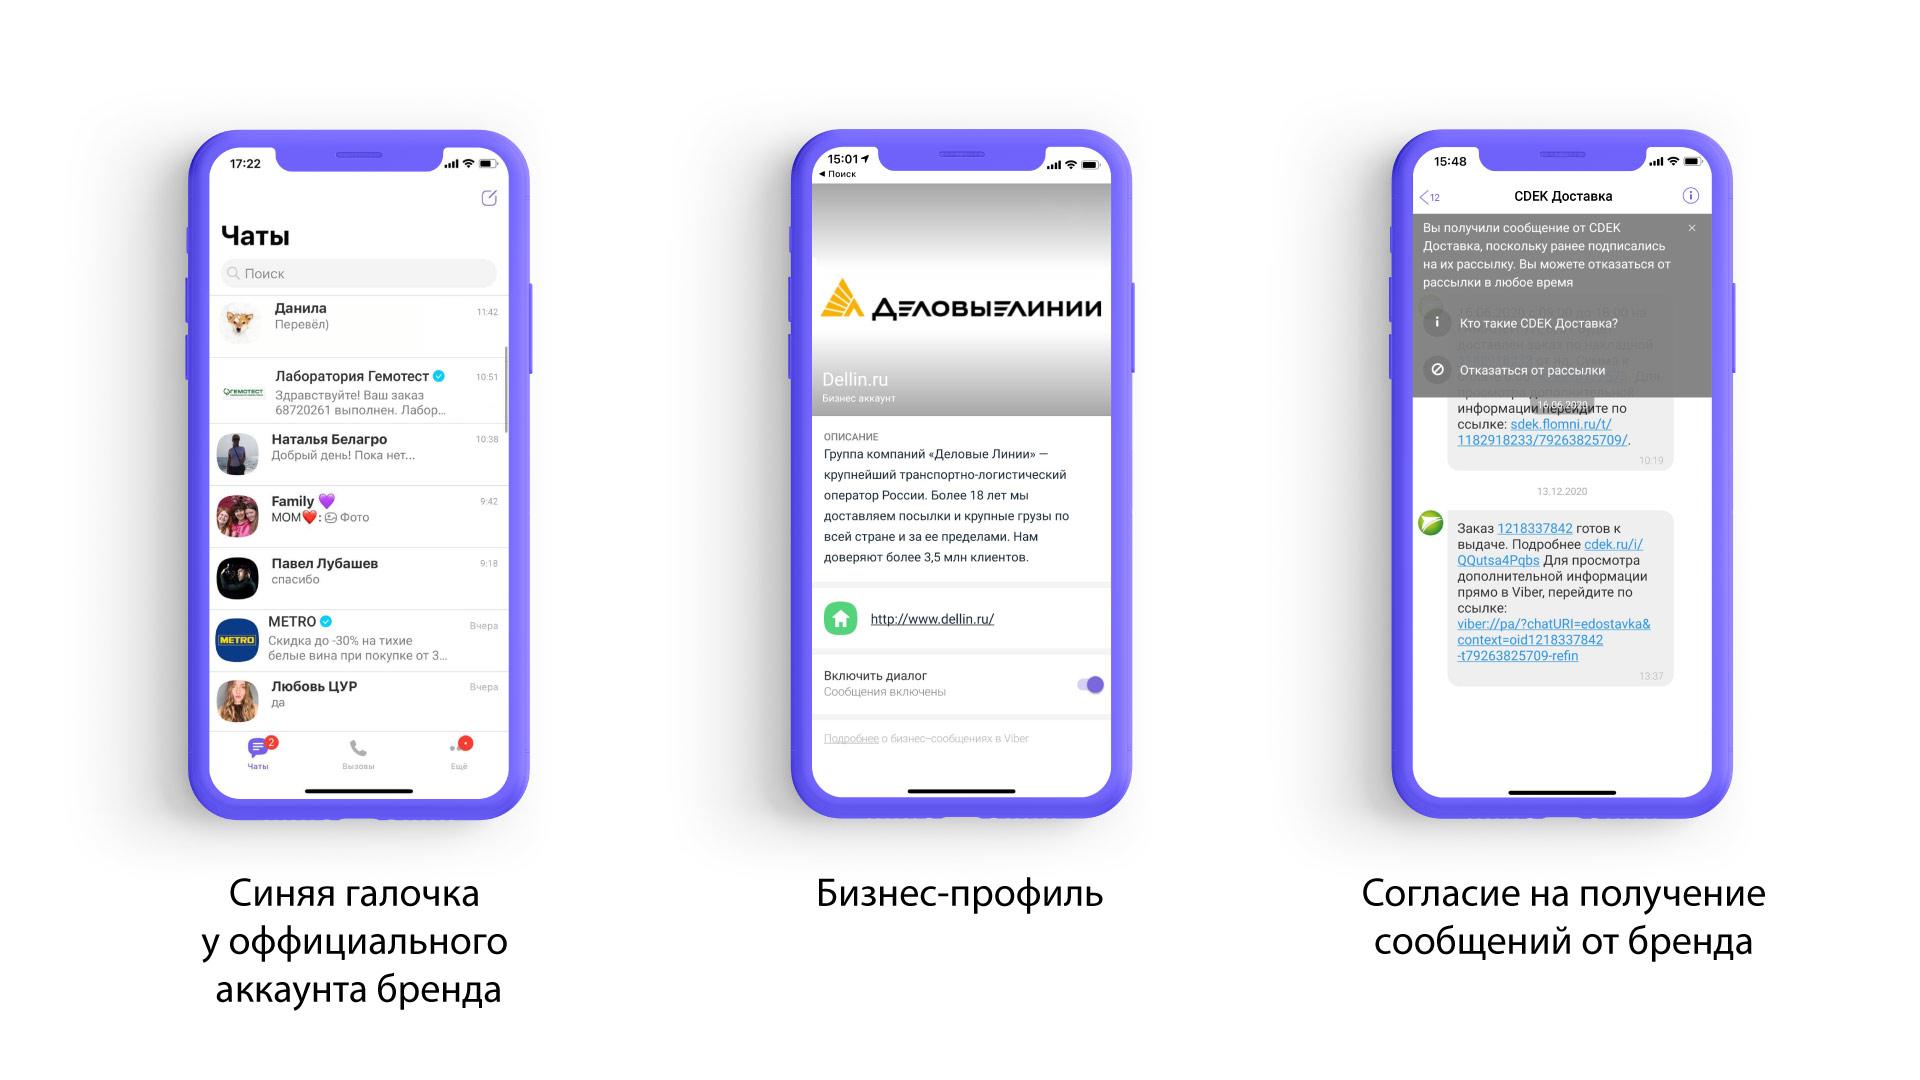 ВМолдове вэтом году вViber заблокировали более 2,5тыс. аккаунтов. Ихподозревают вмошенничестве